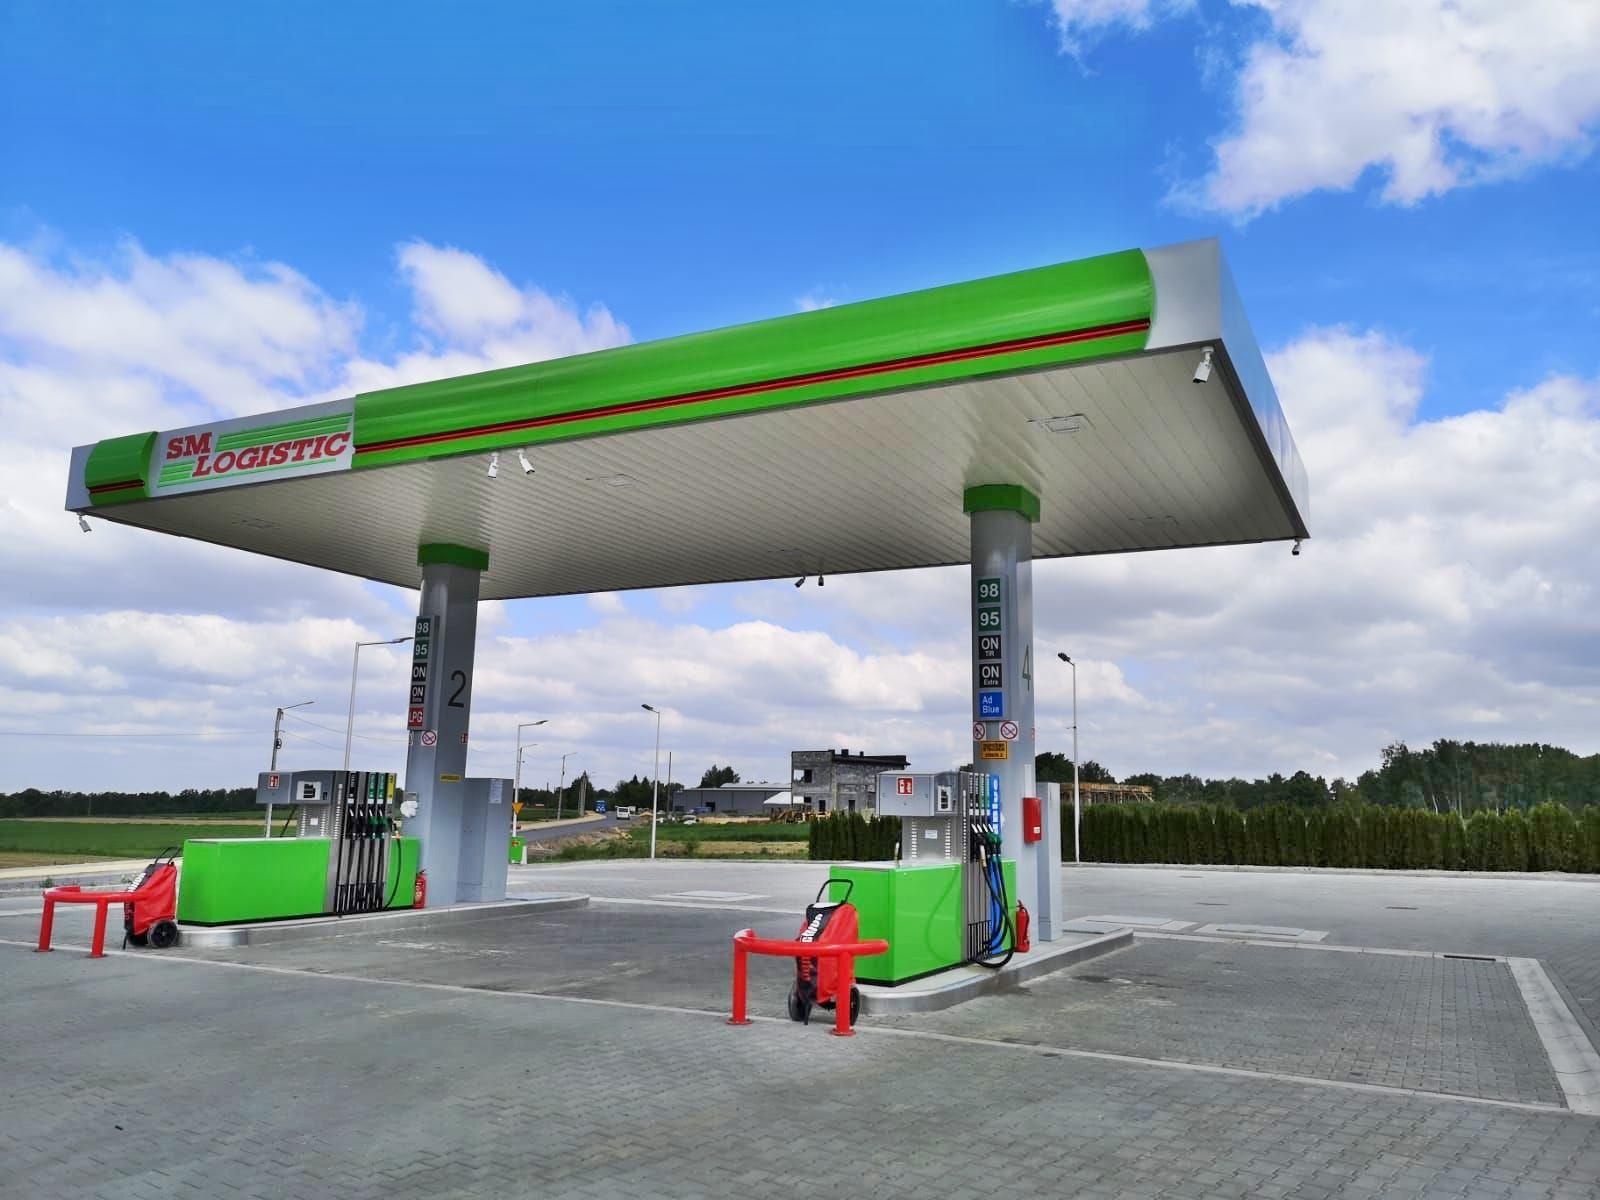 Doskonałe paliwo w super cenie na nowej stacji paliw SM LOGISTIC